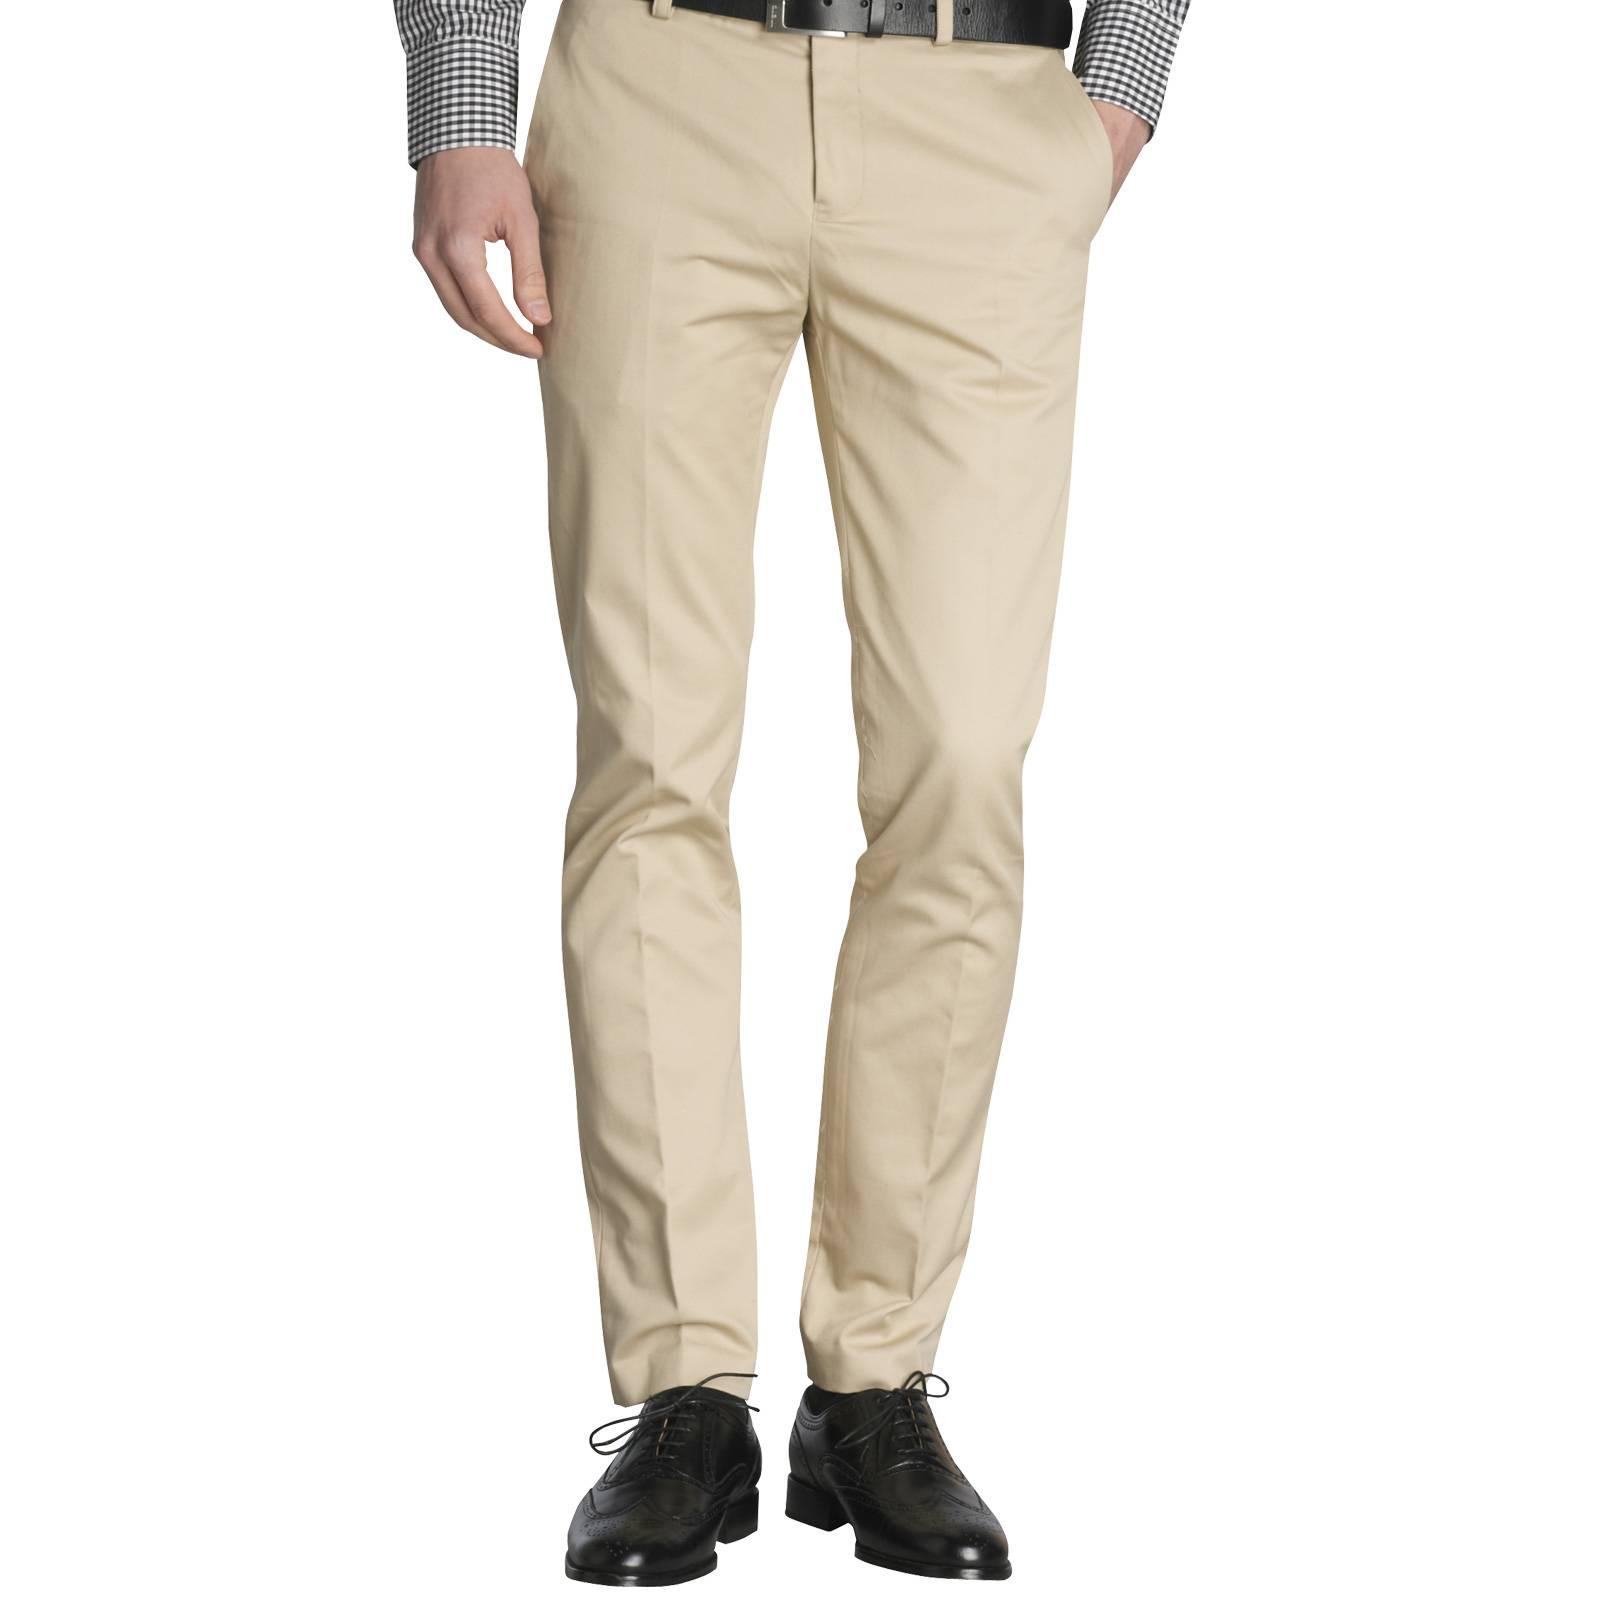 Sta-Prest Брюки WinstonCORE<br>Зауженные брюки классического кроя из плотной комбинированной ткани - модифицированная под современный look ретро модель Sta-Prest, получившая известность в 60-х как одна из первых разновидностей casual брюк, сужающихся к низу. Моды сочетали их с Лоферами, Челси и полосатыми блейзерами, а &amp;amp;quot;традиционные скинхеды&amp;amp;quot; и сьюдхеды - с тяжелыми ботинками фирмы Dr. Martens, клетчатыми рубашками, узкими подтяжками и пальто кромби. &amp;lt;br /&amp;gt;<br>&amp;lt;br /&amp;gt;<br>Первоначально эти брюки имели высокую талию, и их было принято носить подвернутыми или на итальянский манер - до уровня лодыжки. Сегодня они абсолютно универсальны, имеют стандартную посадку и несколько вариантов длинны. Их можно комбинировать с рубашками или поло, топсайдерами или классическими кроссовками. &amp;lt;br /&amp;gt;<br>&amp;lt;br /&amp;gt;<br>Преимуществом данной модели является то, что на них почти не образуется помятостей и складок, а стрелка остается ровной и очерченной после множества стирок без использования утюга.<br><br>Артикул: 1210201<br>Материал: 65% хлопок 35% полиэстер<br>Цвет: кремовый<br>Пол: Мужской